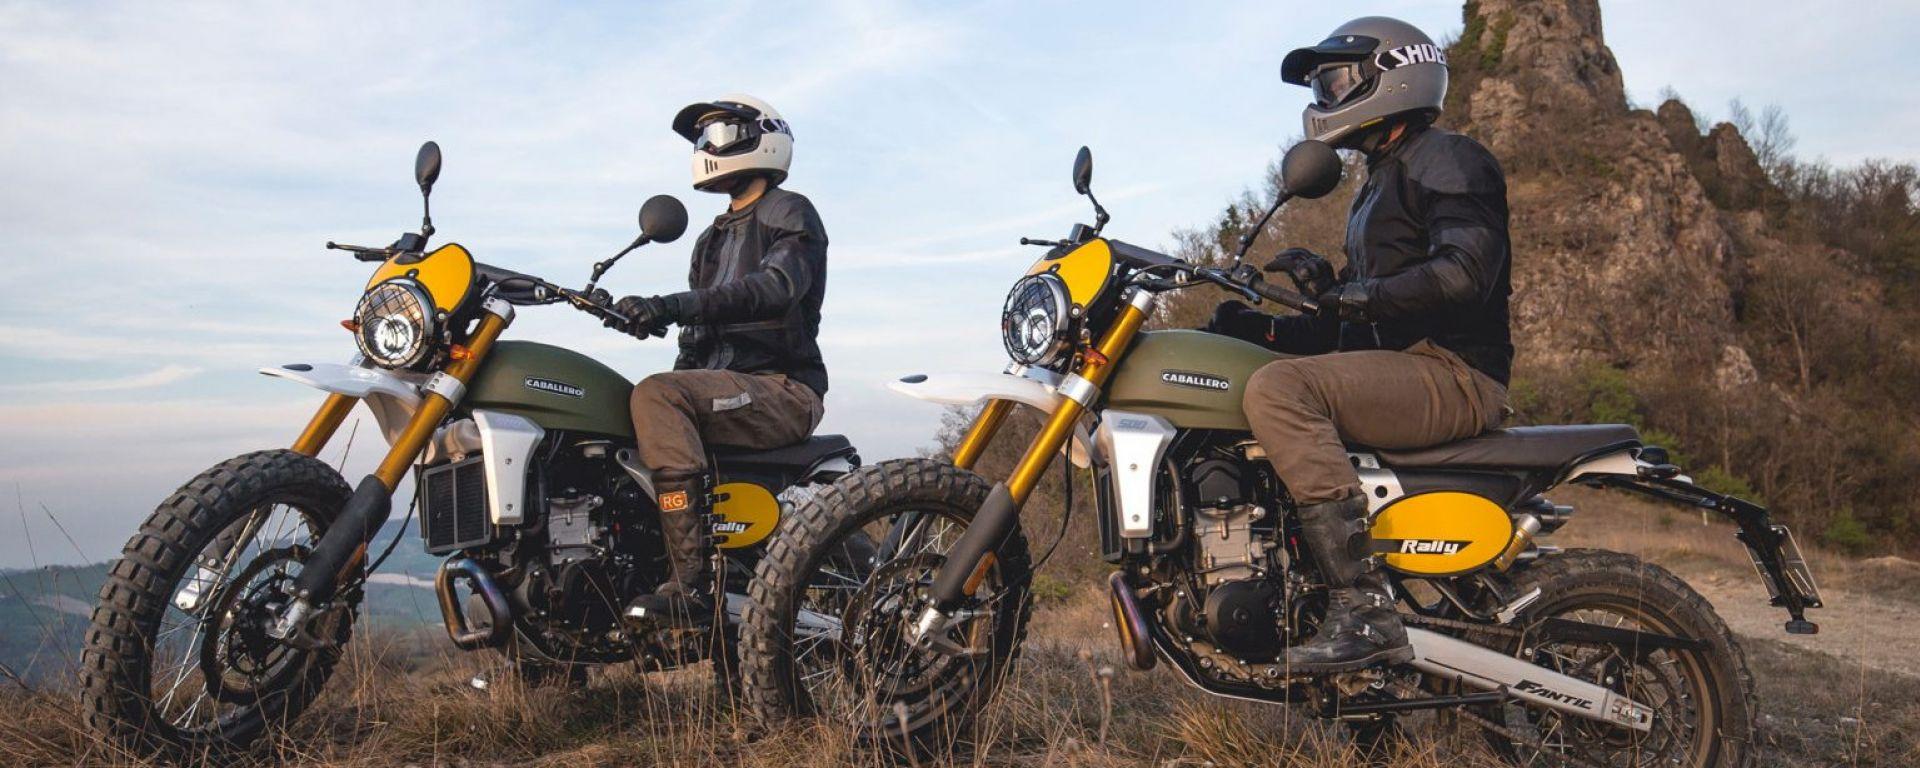 """Fantic Motor riparte con Caballero 500 Anniversary e """"Click&Ride"""""""